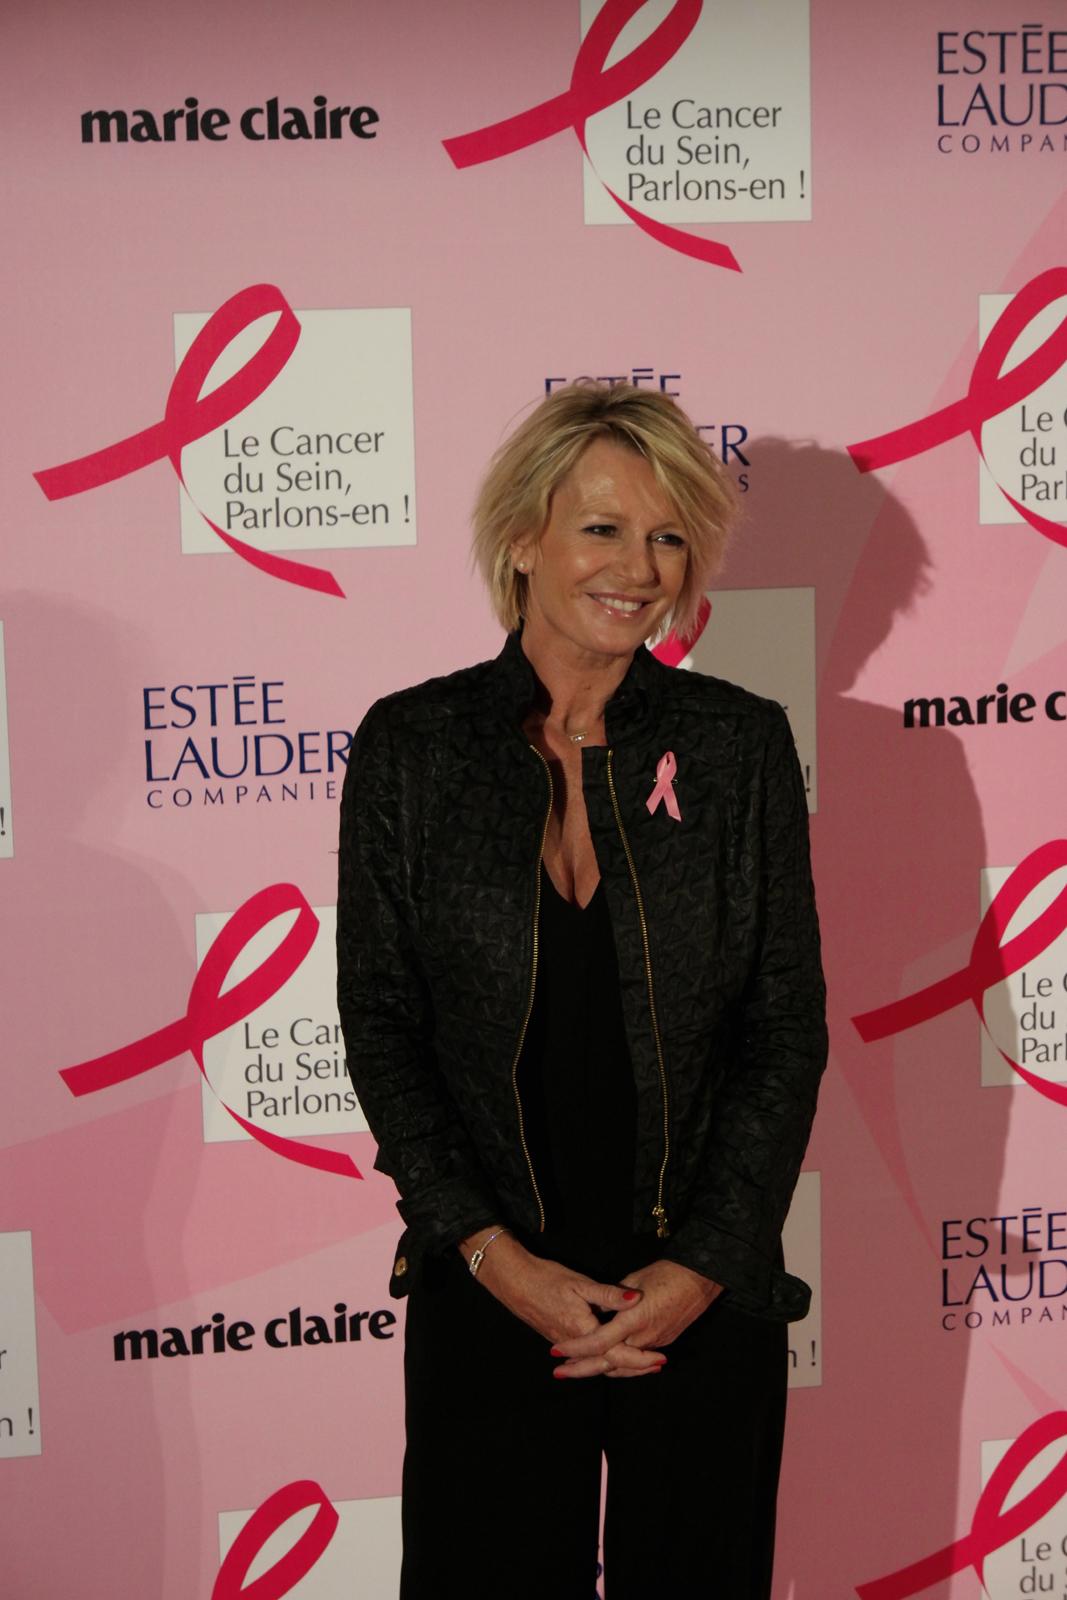 sophie davant marraine octobre rose 2015 soir e lancement campagne cancer du sein parlons en. Black Bedroom Furniture Sets. Home Design Ideas